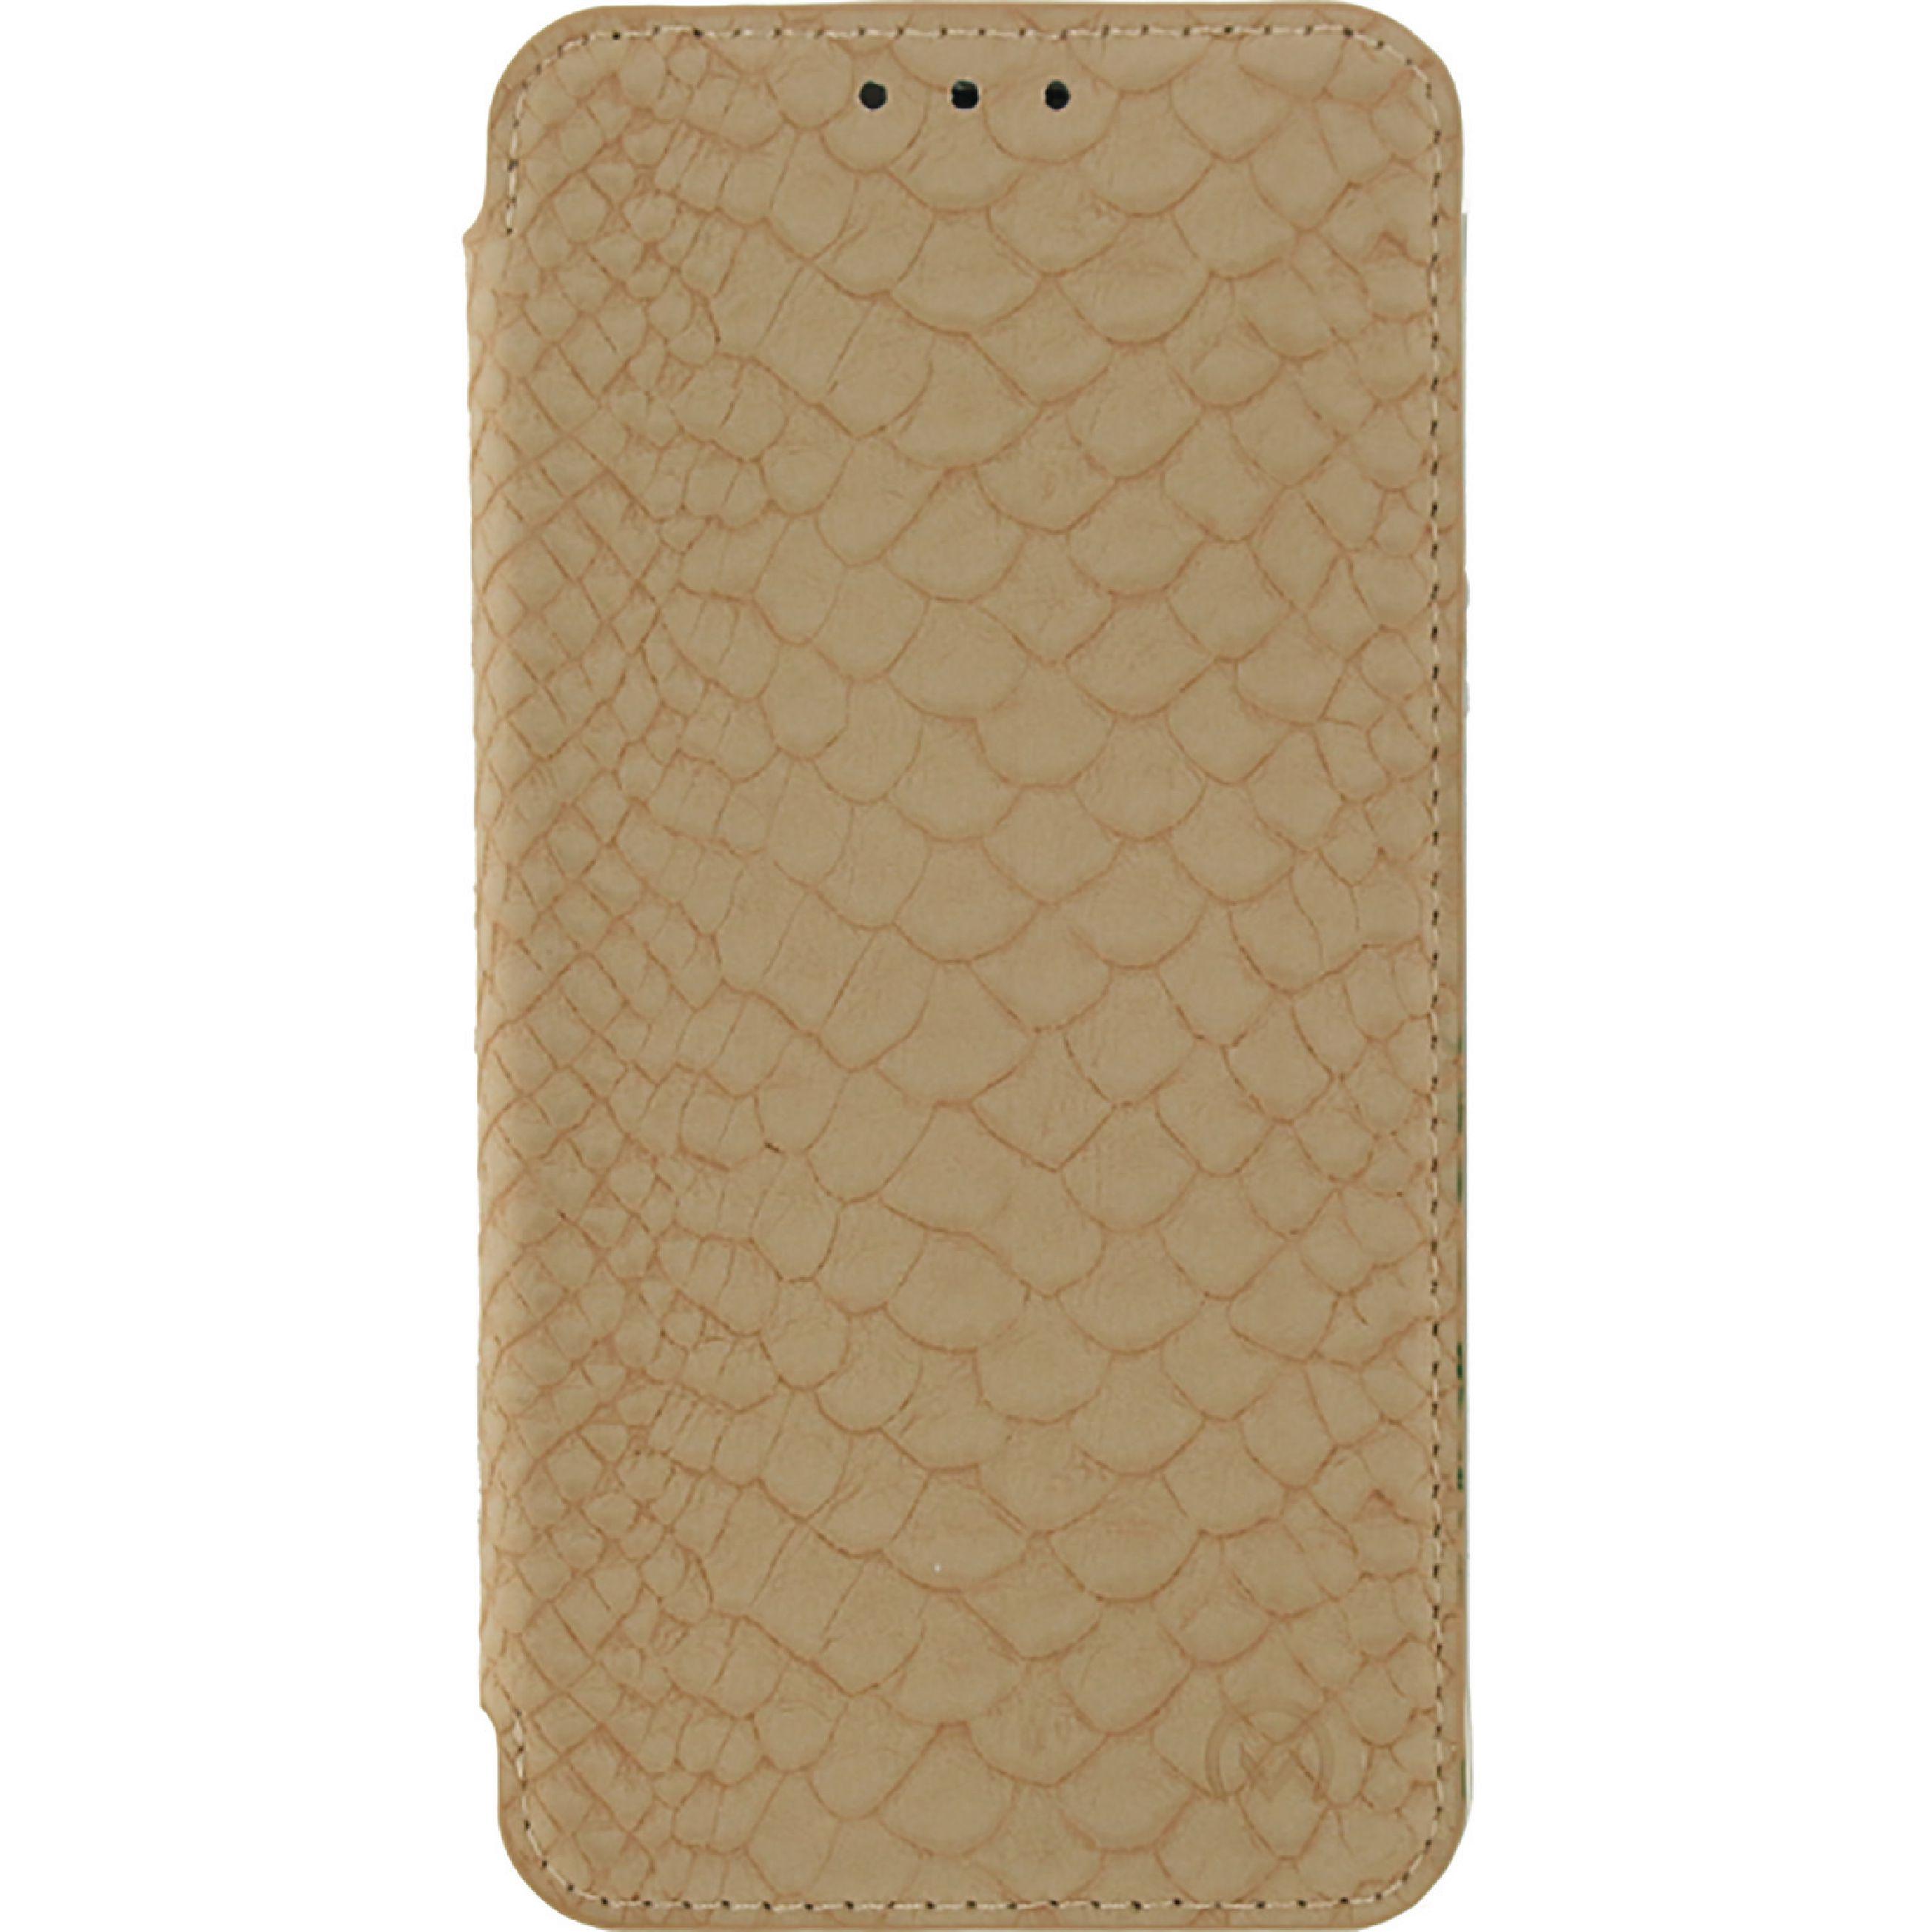 Image of   Telefon Slankt og Blødt Booklet-etui Samsung Galaxy J5 2016 Pink